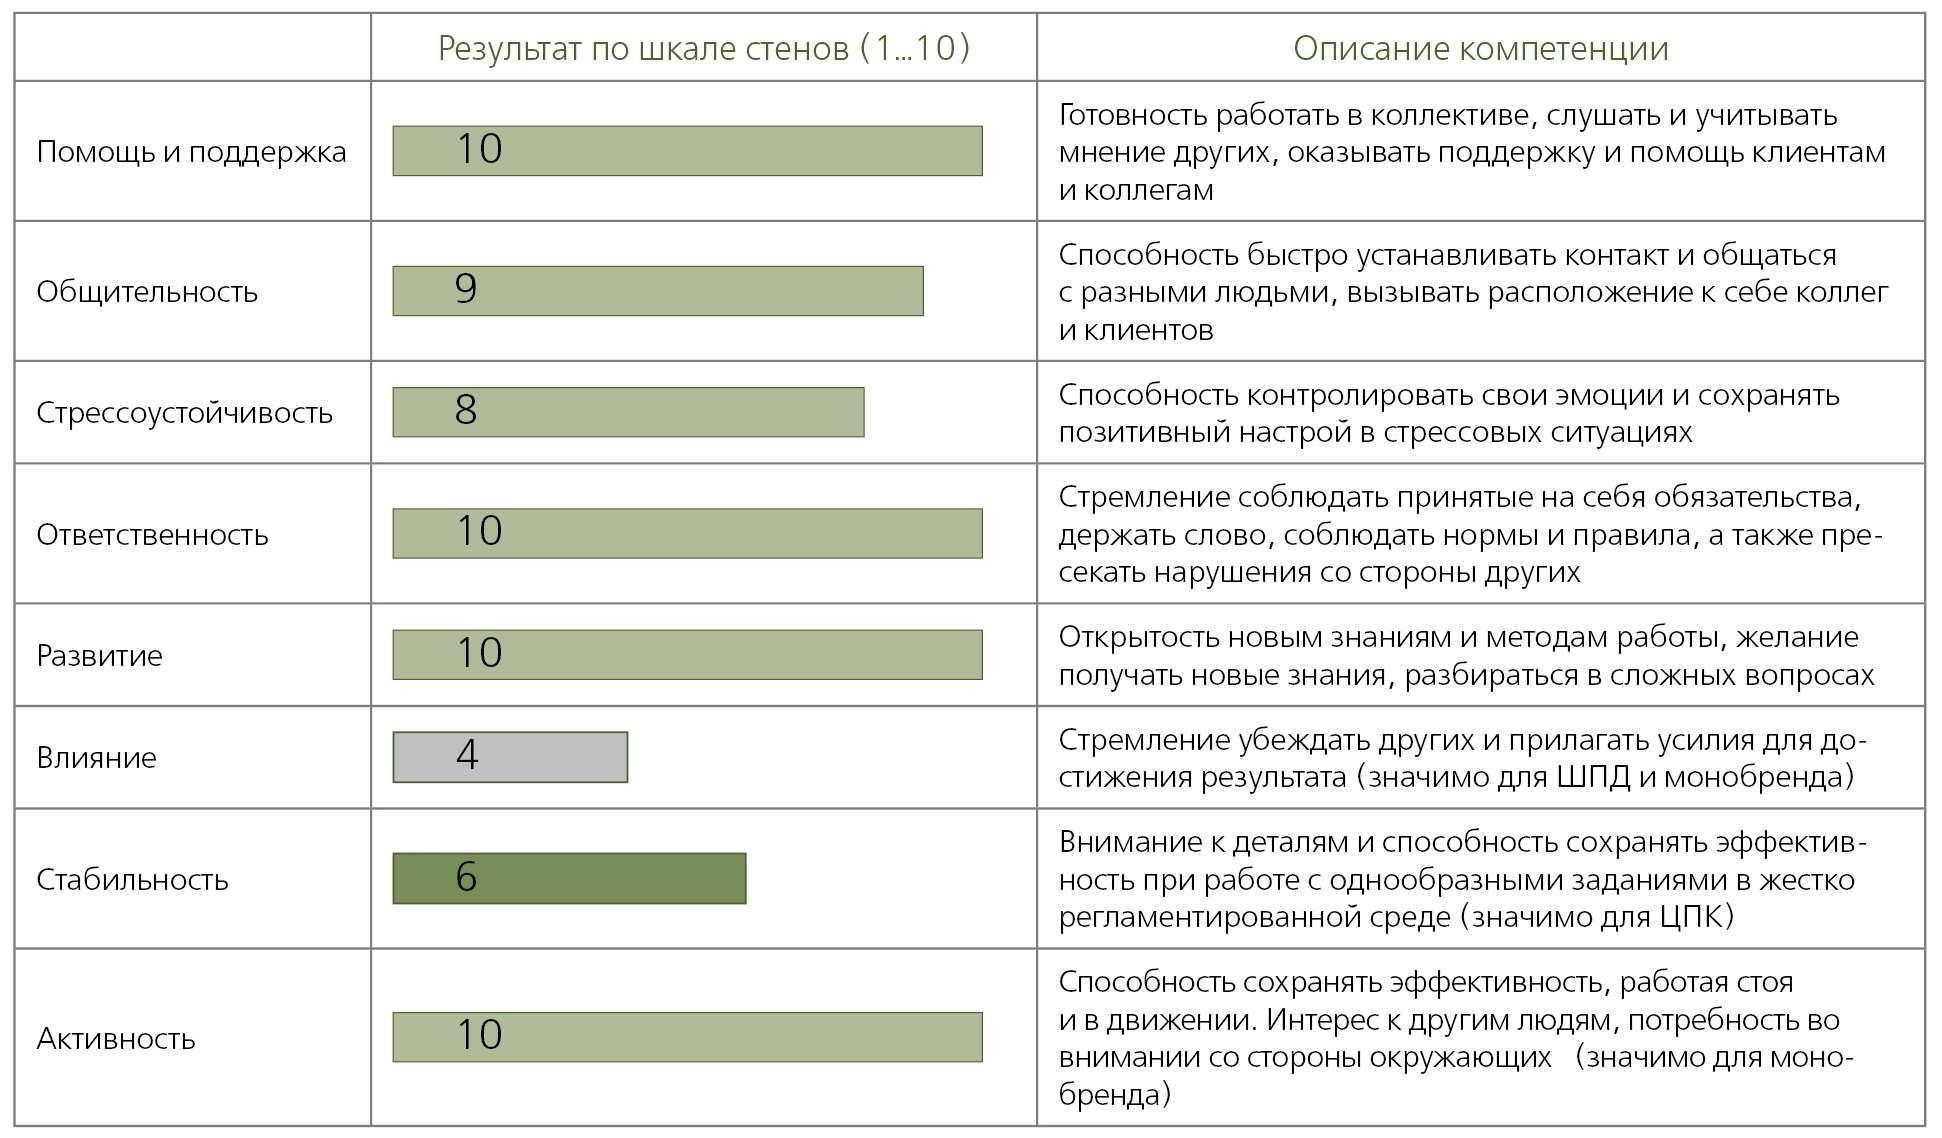 Пример профиля вакансии и описание критериев оценки для специалиста офиса продаж